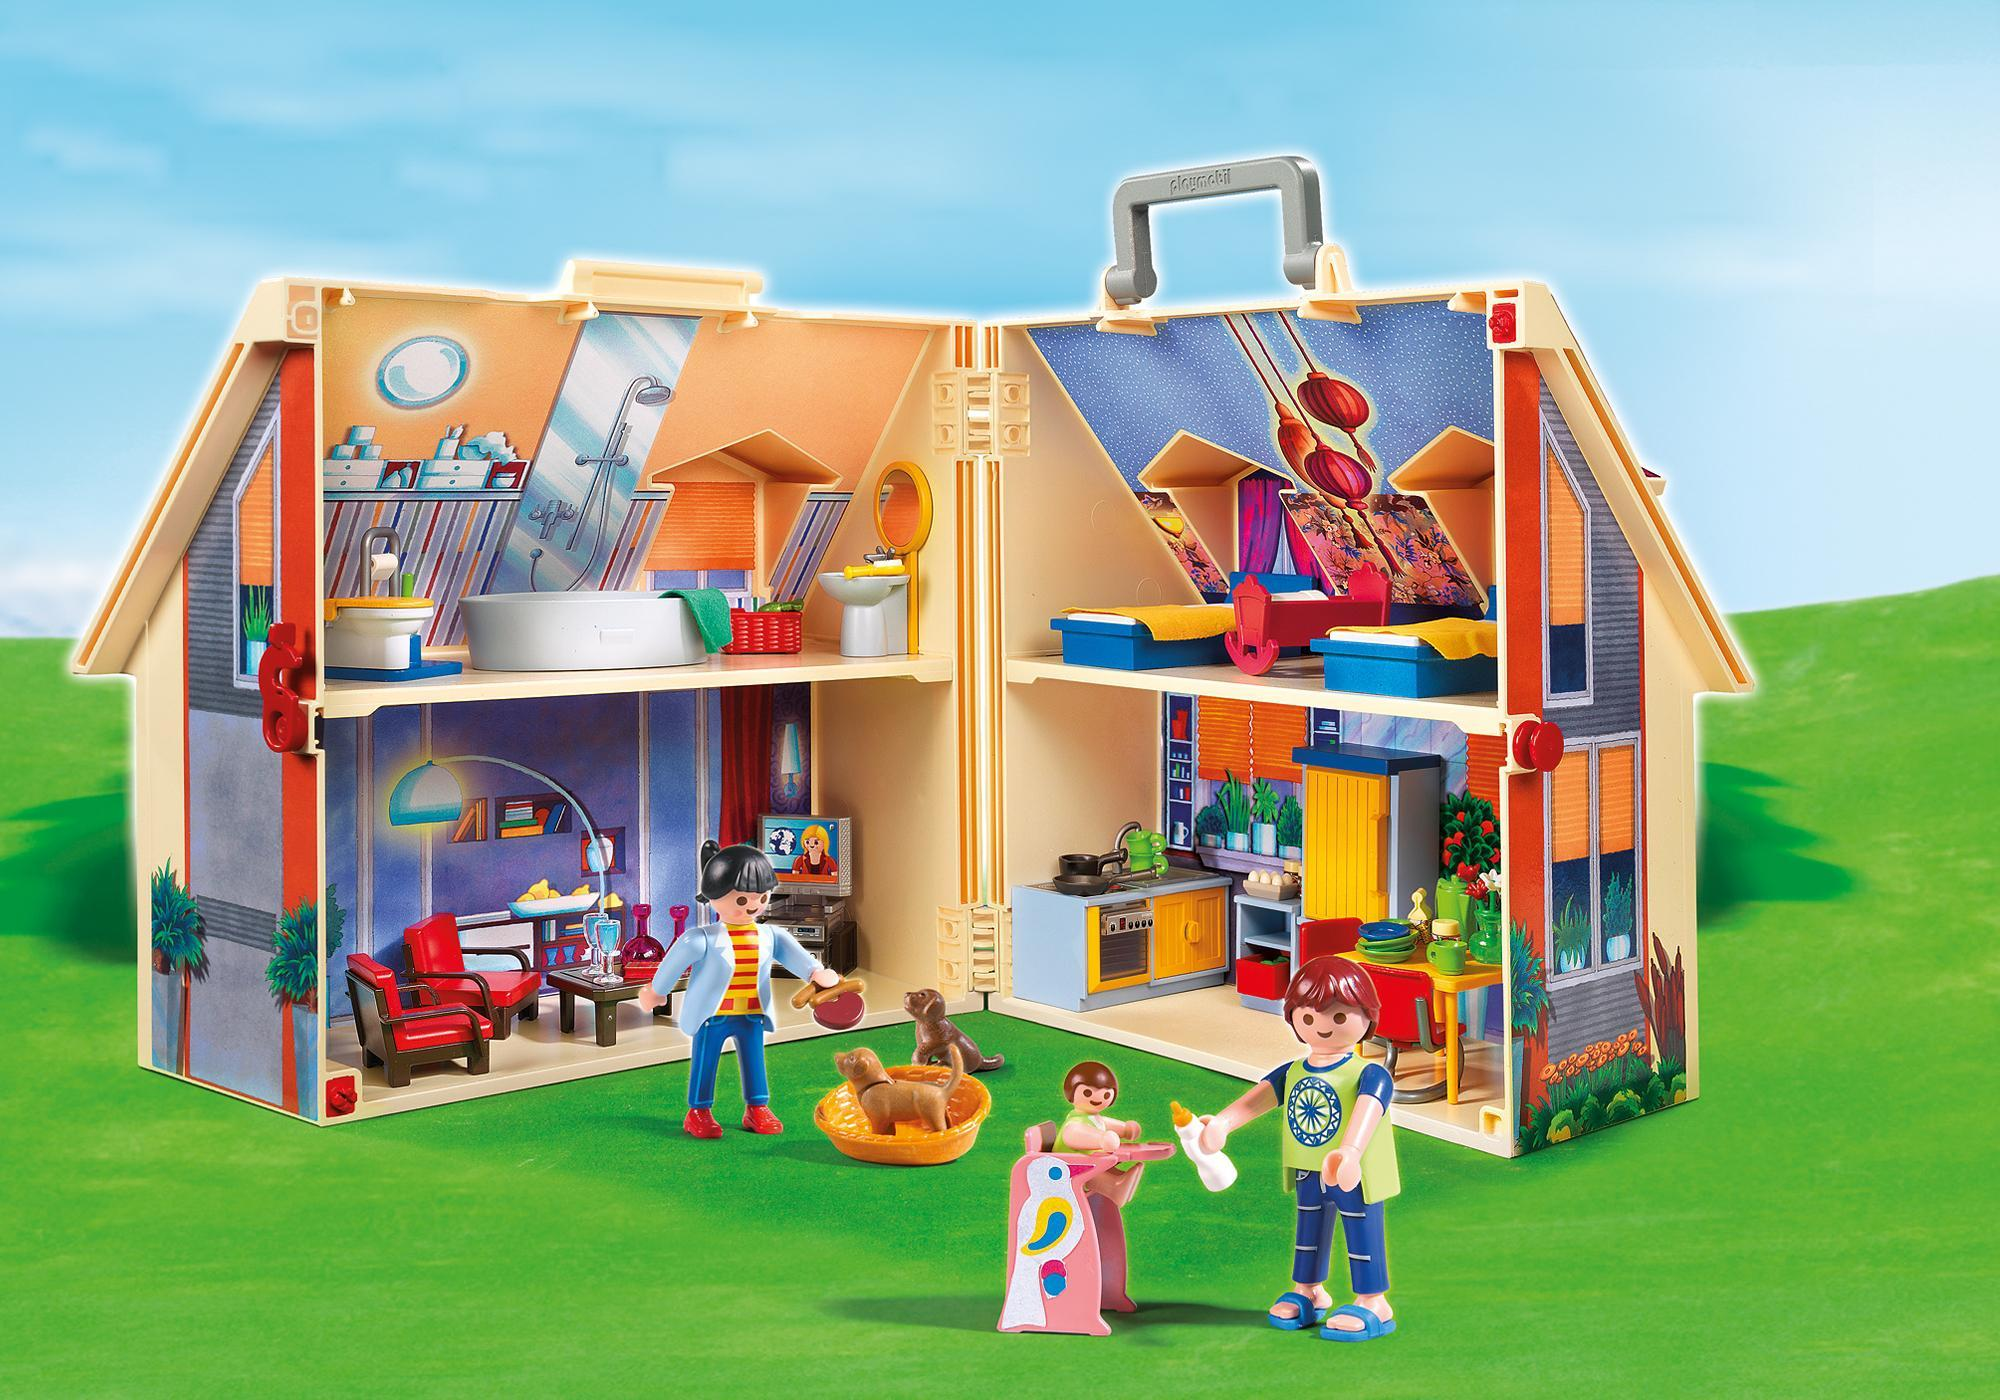 http://media.playmobil.com/i/playmobil/5167_product_detail/Nowy przenośny domek dla lalek